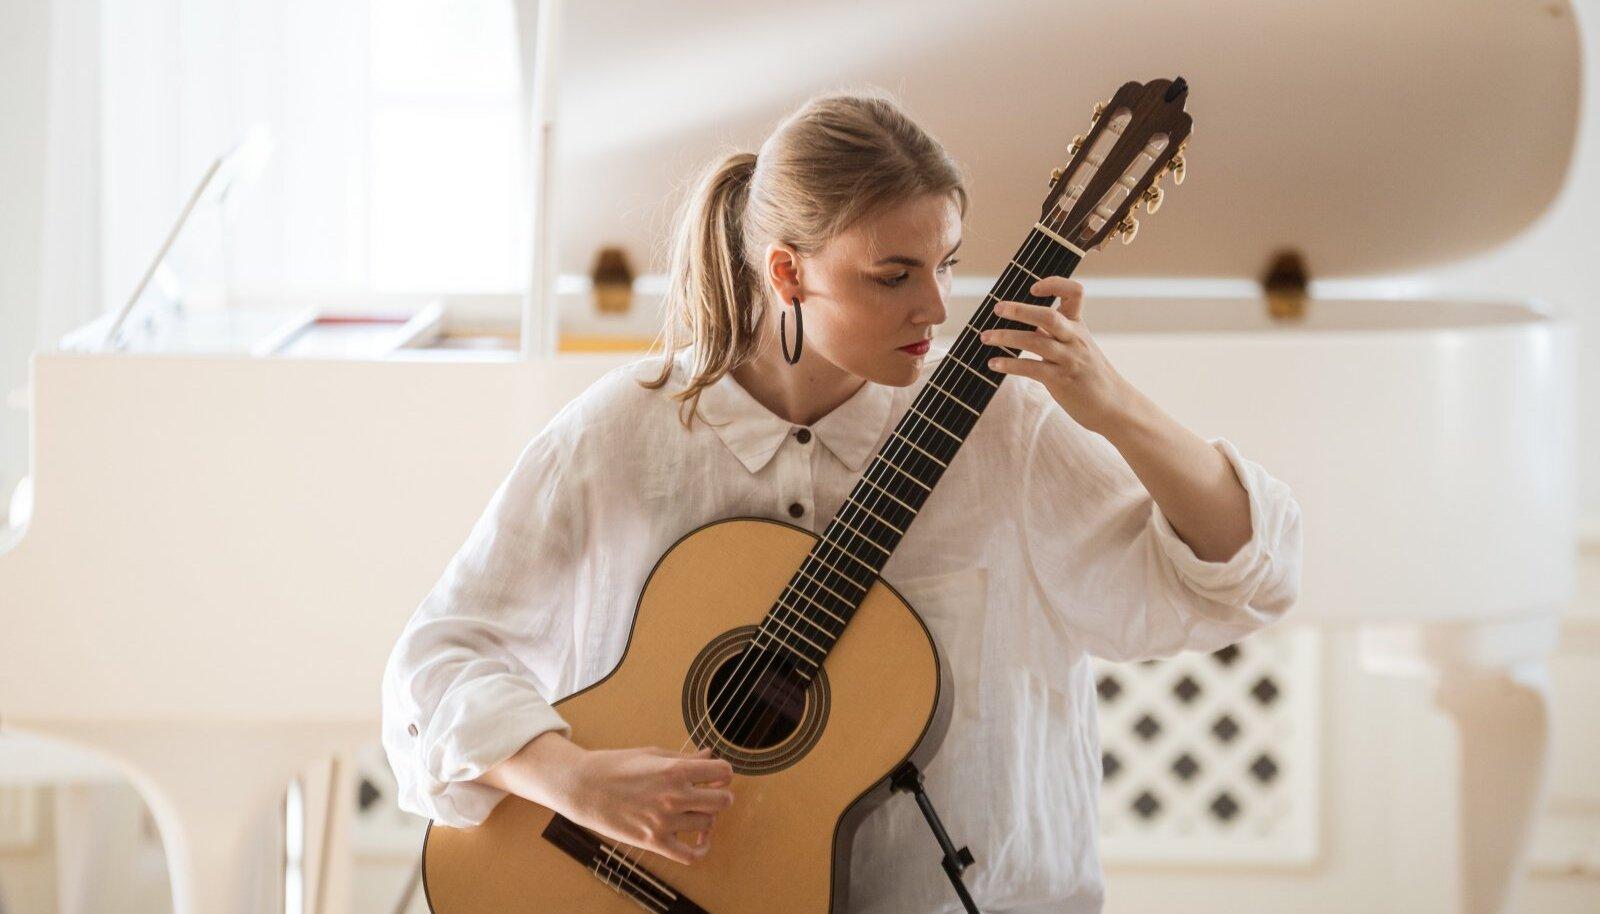 Klassikatähed Haapslu Tšaikovski festivalil Uuemõisa mõisas